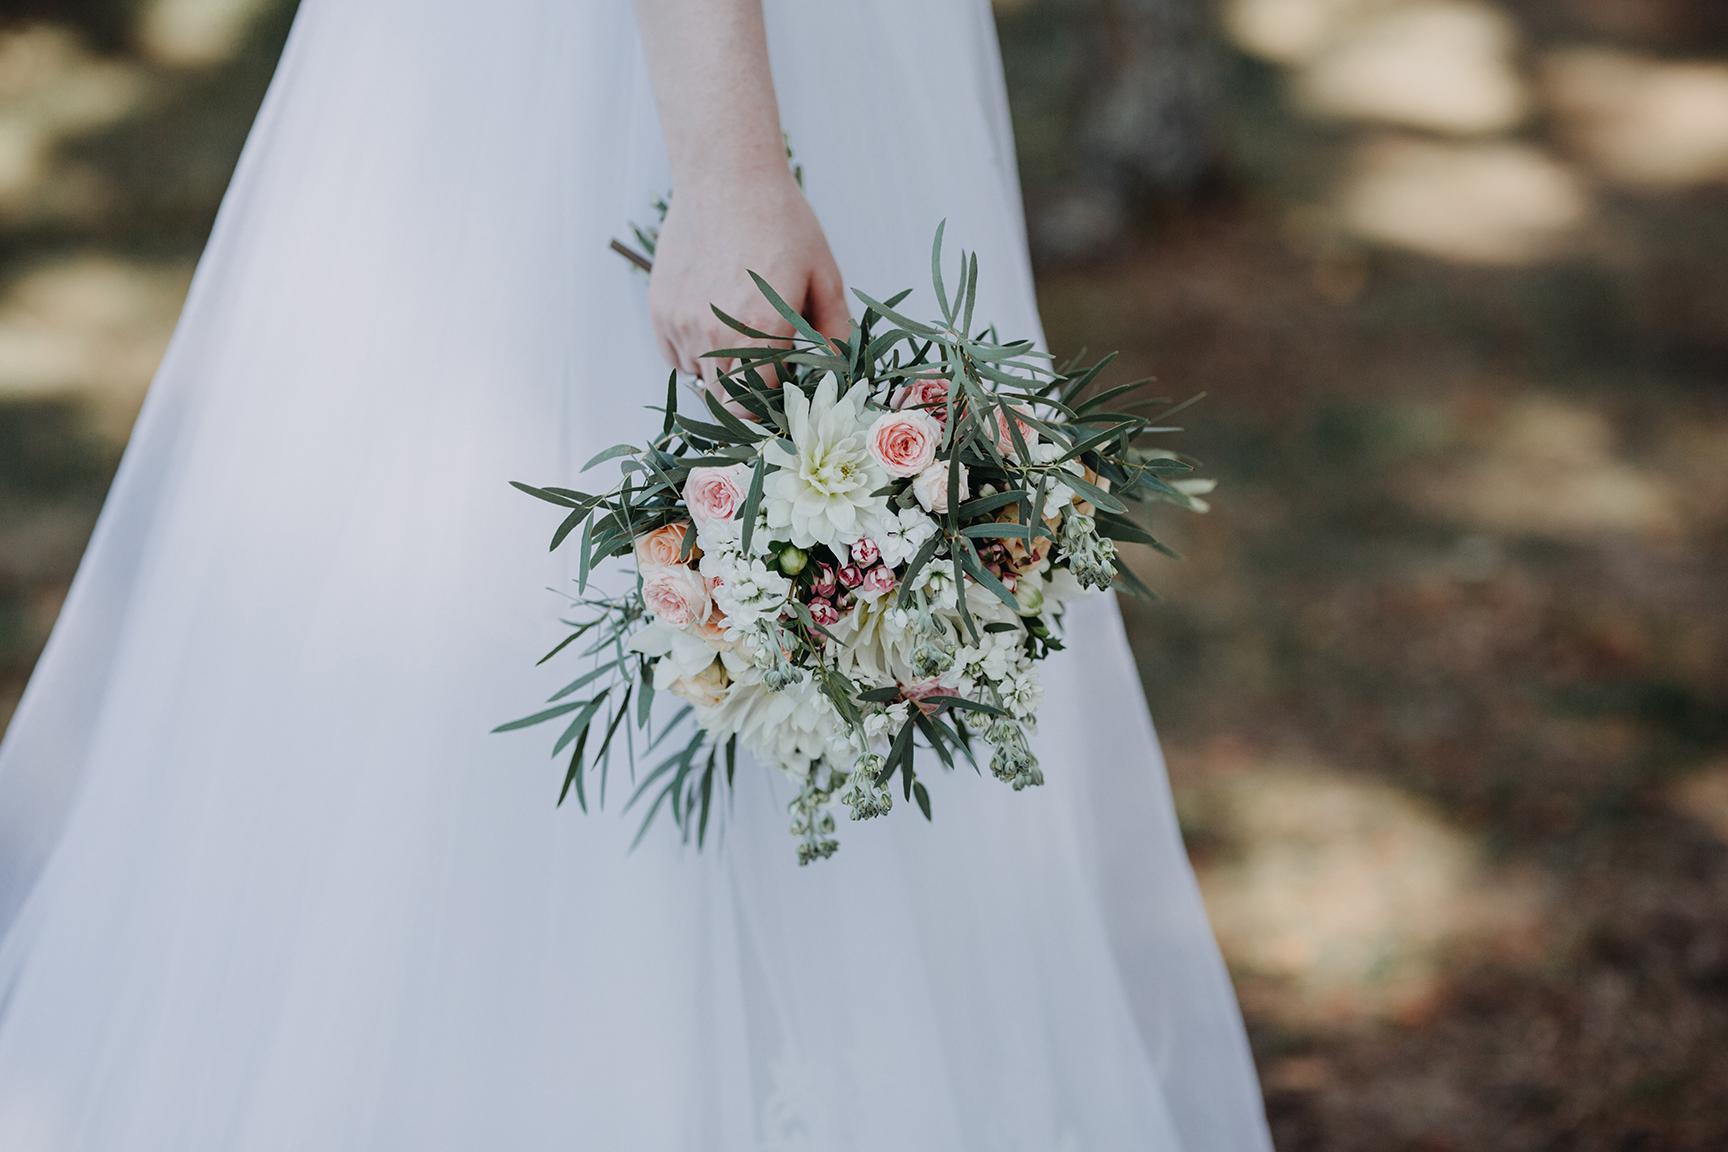 Milé nevěsty, pokud sháníte dodavatele na svatební květiny, budu ráda, když nakouknete do mé dílny. Mám ještě i nějaké volné termíny, proto neváhejte poptat ten Váš! Budu se těšit na Vaše květinové výzvy! - Obrázek č. 1